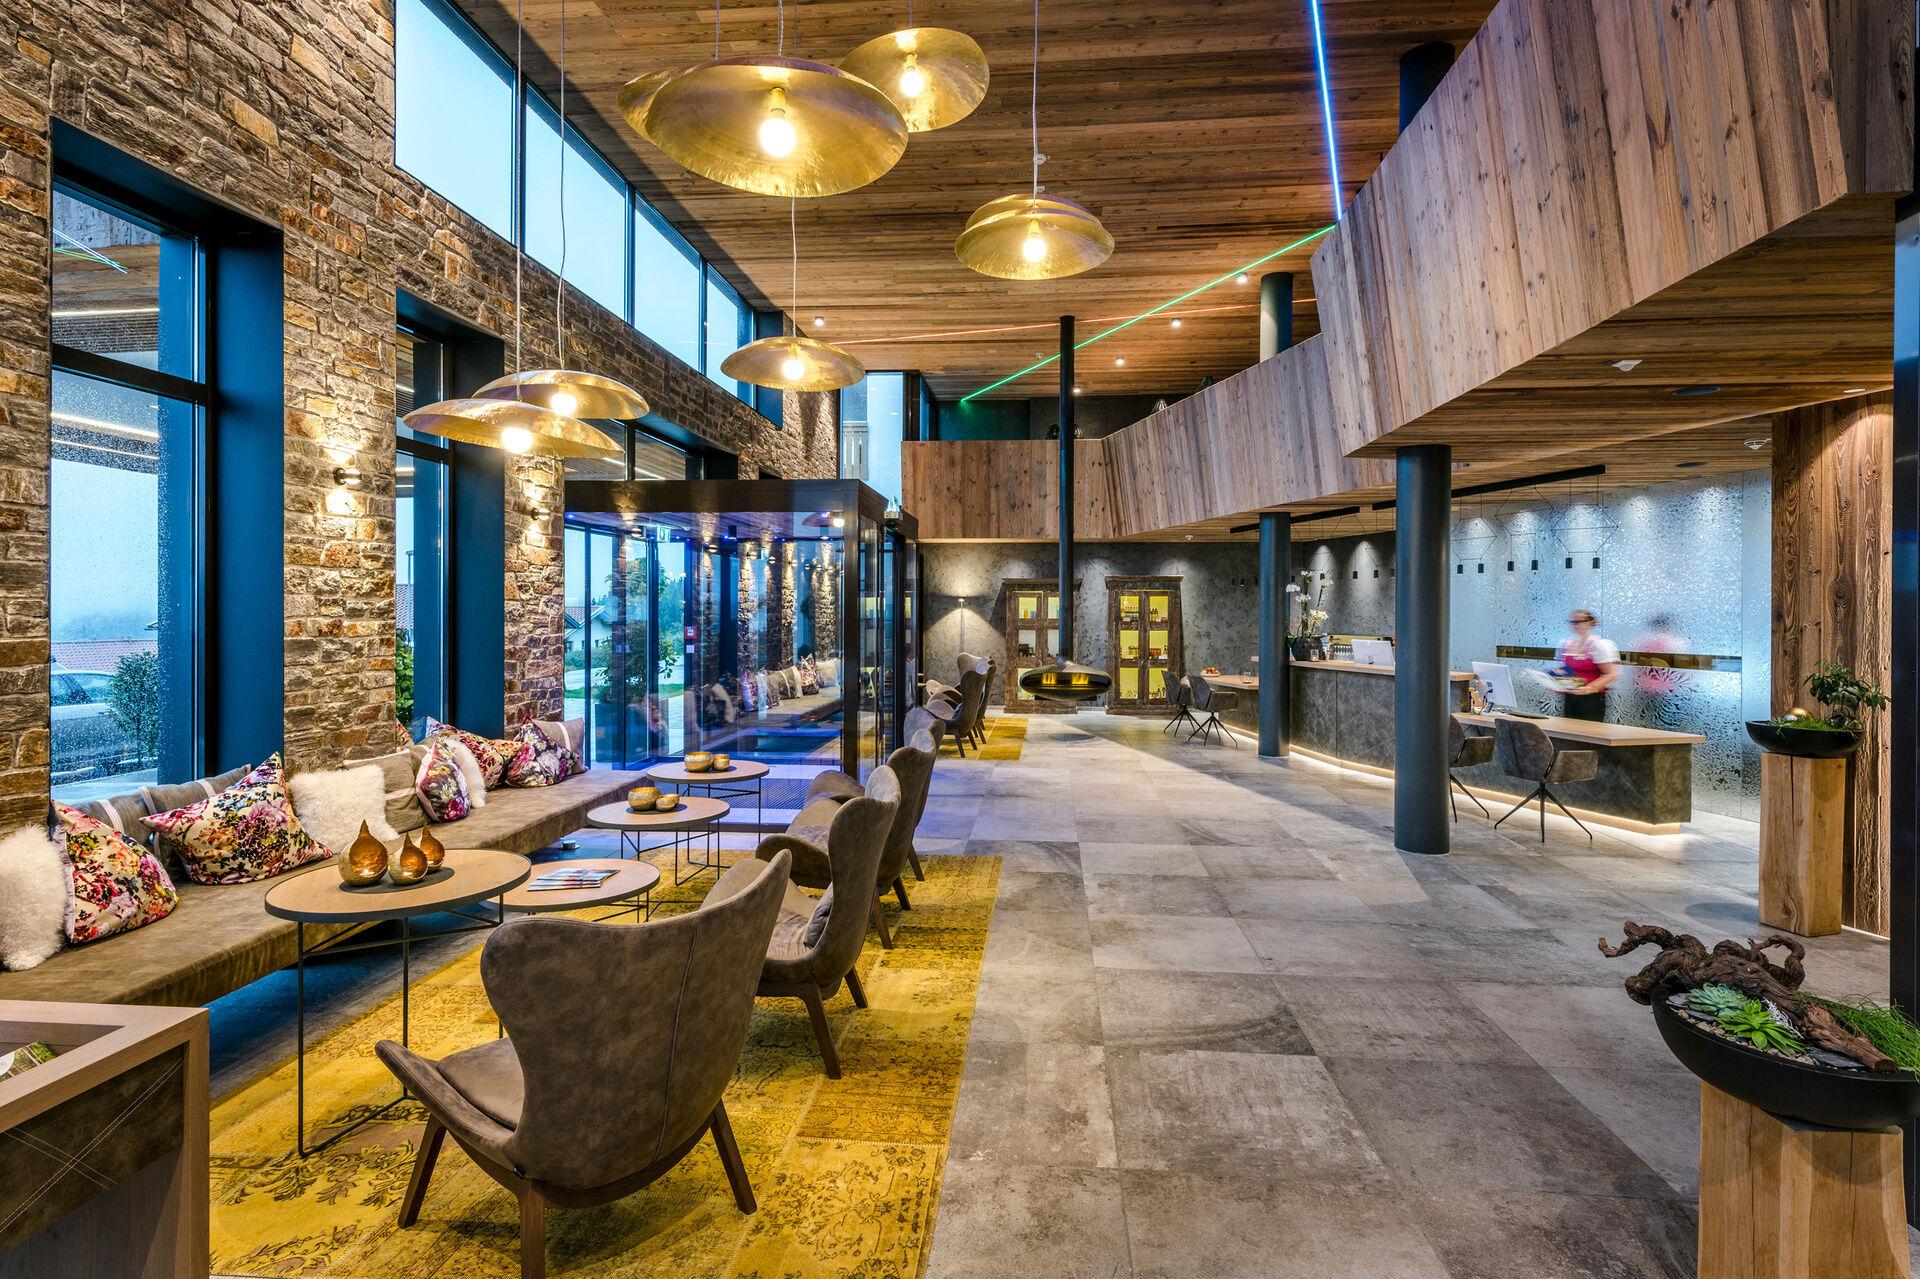 4 sterne wellnesshotel bayerischer wald h ttenhof hotels for Design budget hotel salinenparc 0 sterne